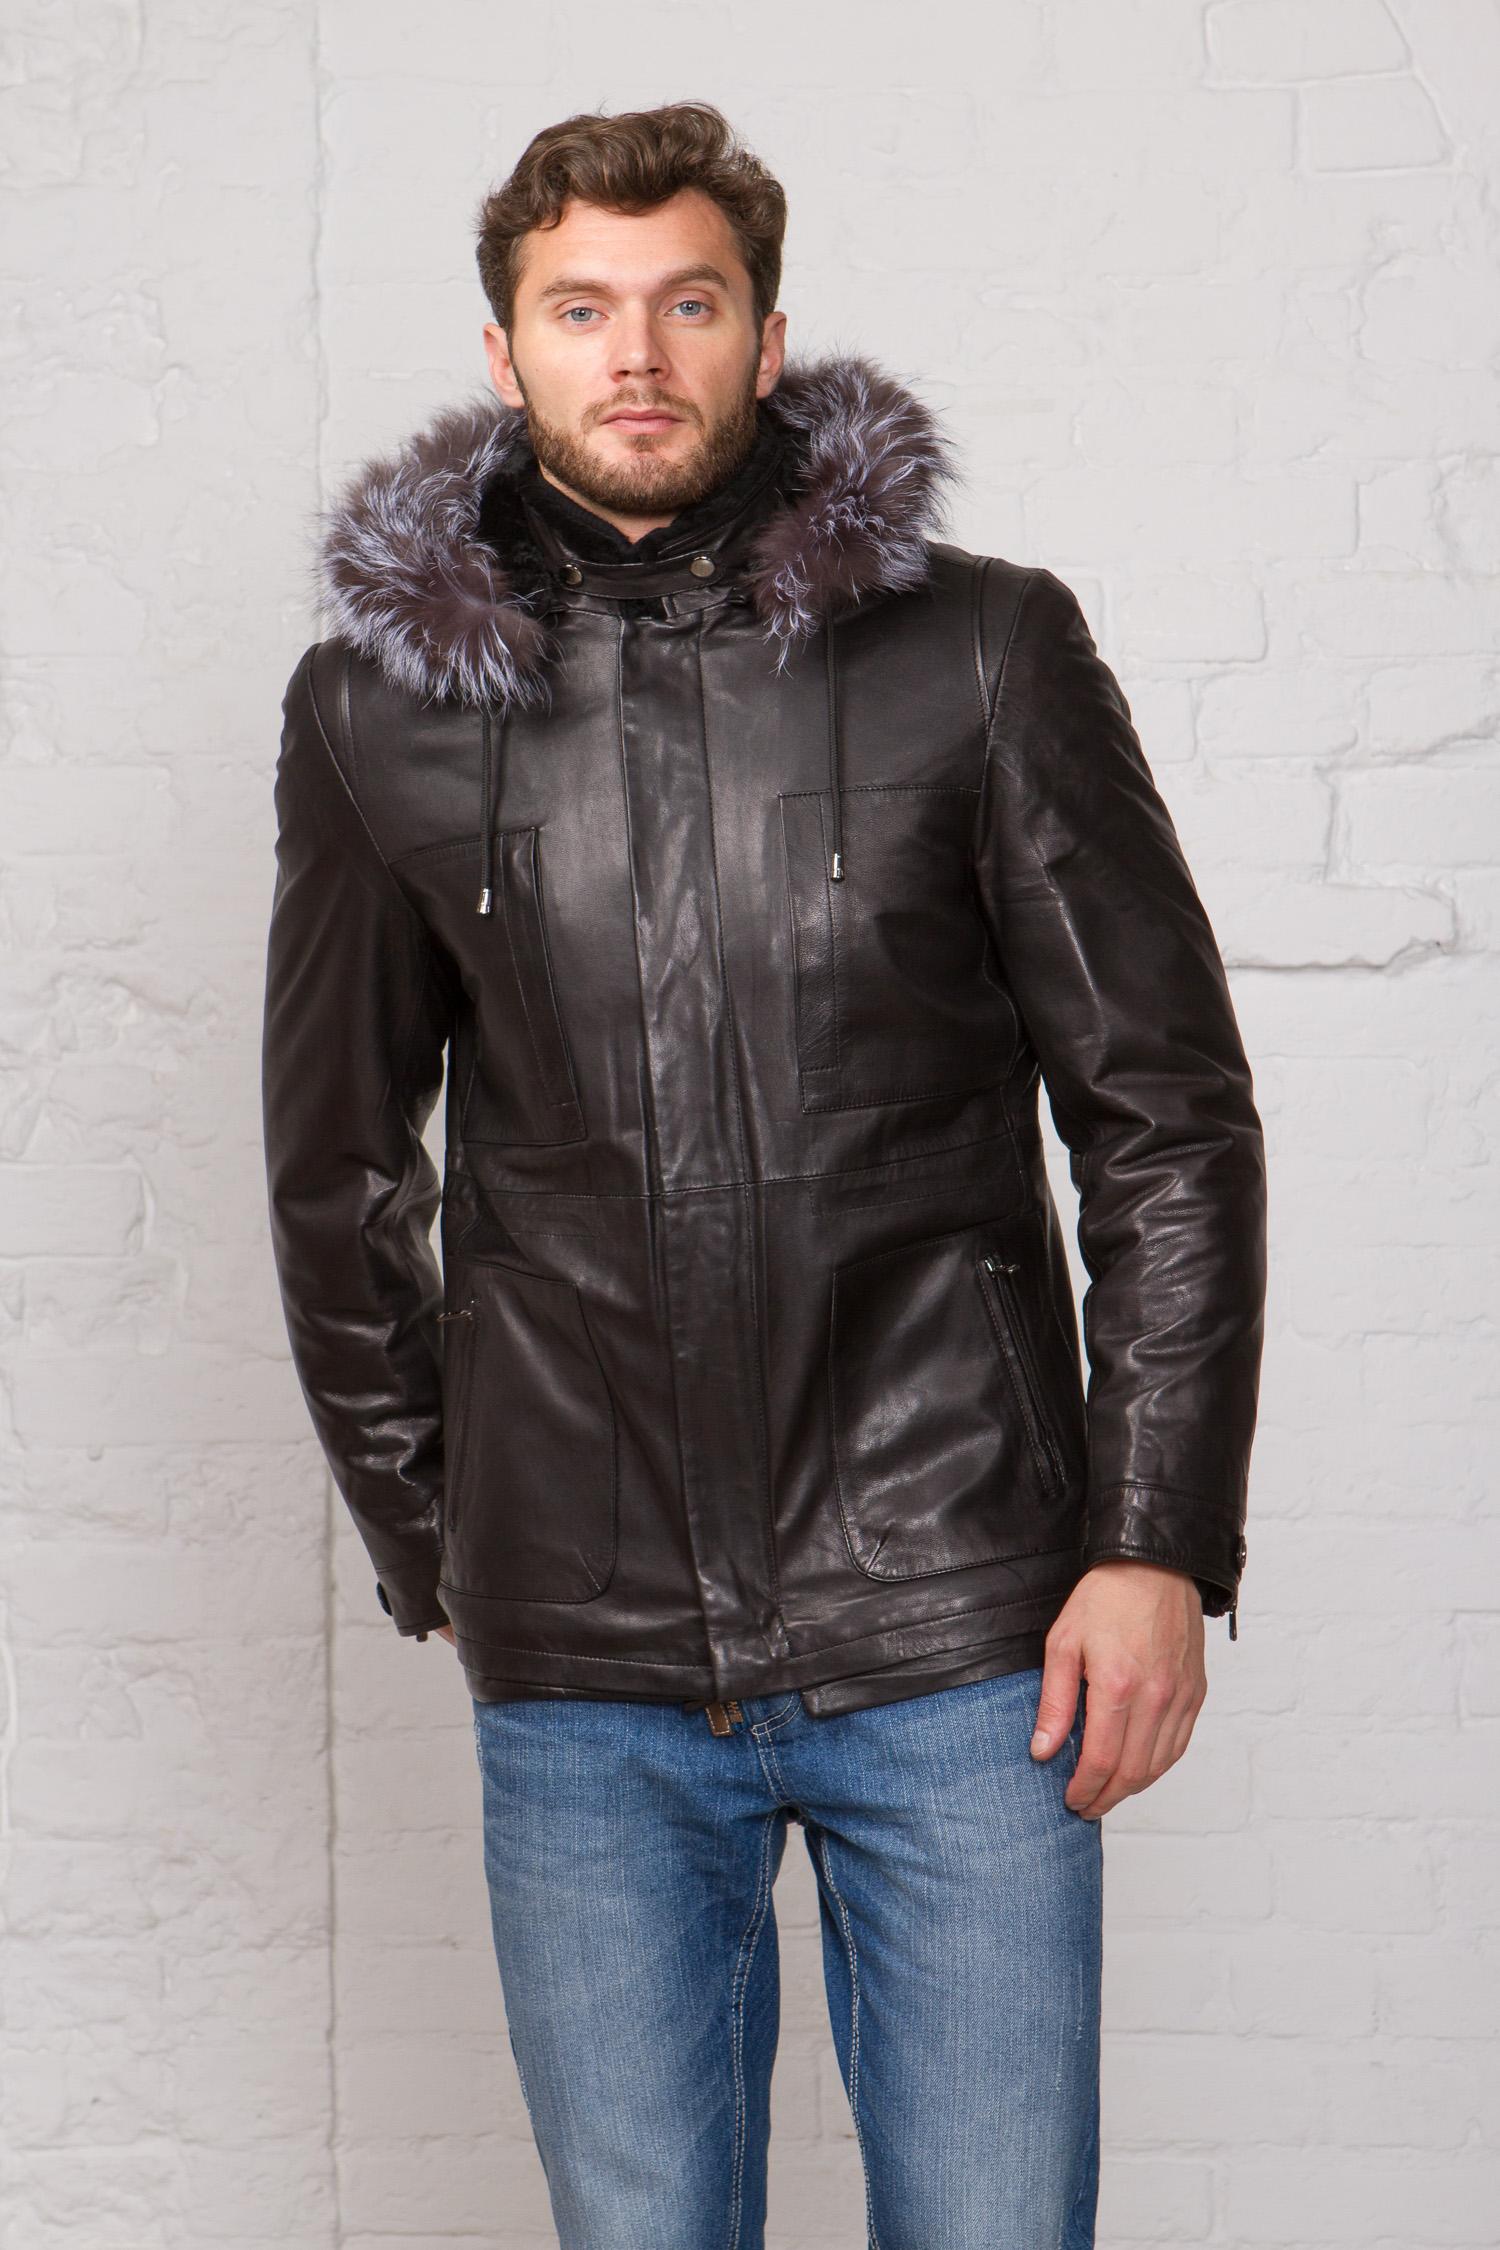 Мужская кожаная куртка из натуральной кожи на меху с капюшоном, отделка чернобурка<br><br>Воротник: съемный капюшон<br>Длина см: Средняя (75-89 )<br>Материал: Кожа овчина<br>Цвет: черный<br>Вид застежки: центральная<br>Застежка: на молнии<br>Пол: Мужской<br>Размер RU: 56